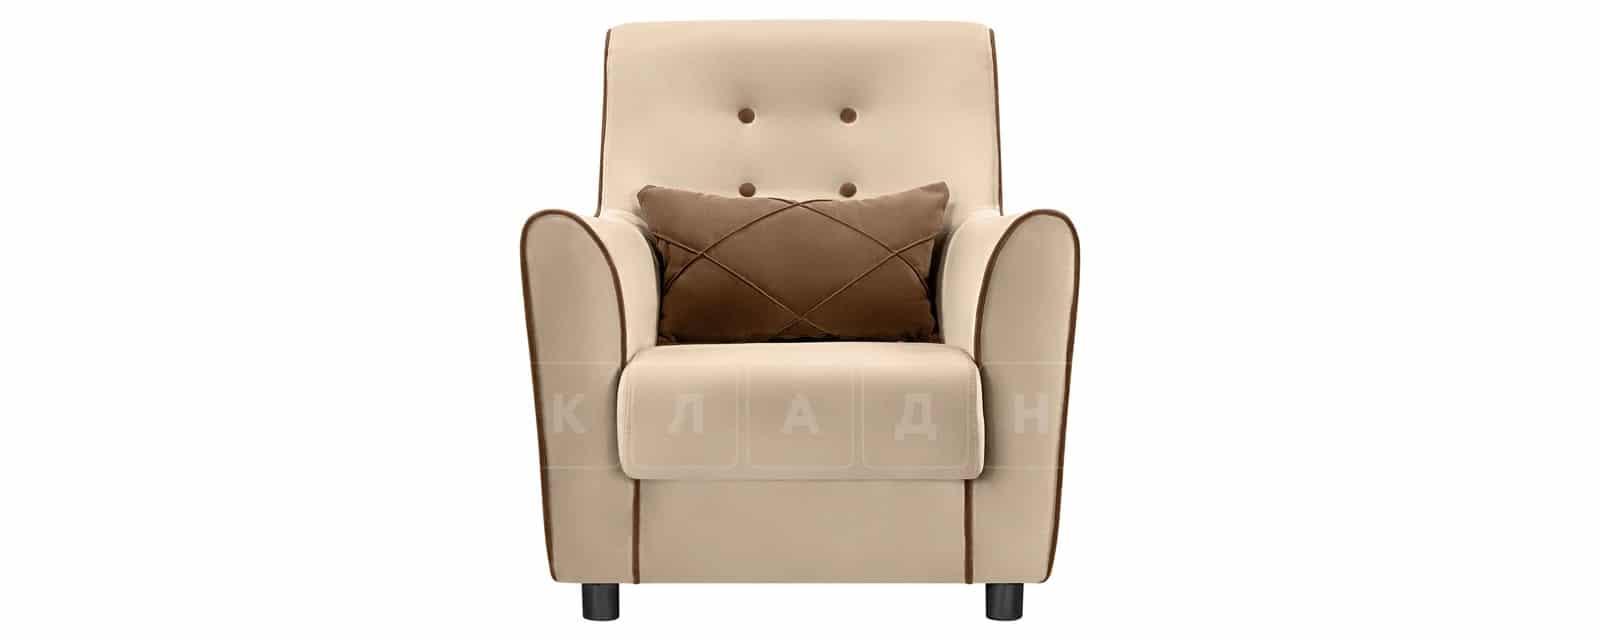 Кресло Флэтфорд велюр бежевый с коричневым кантом фото 2 | интернет-магазин Складно